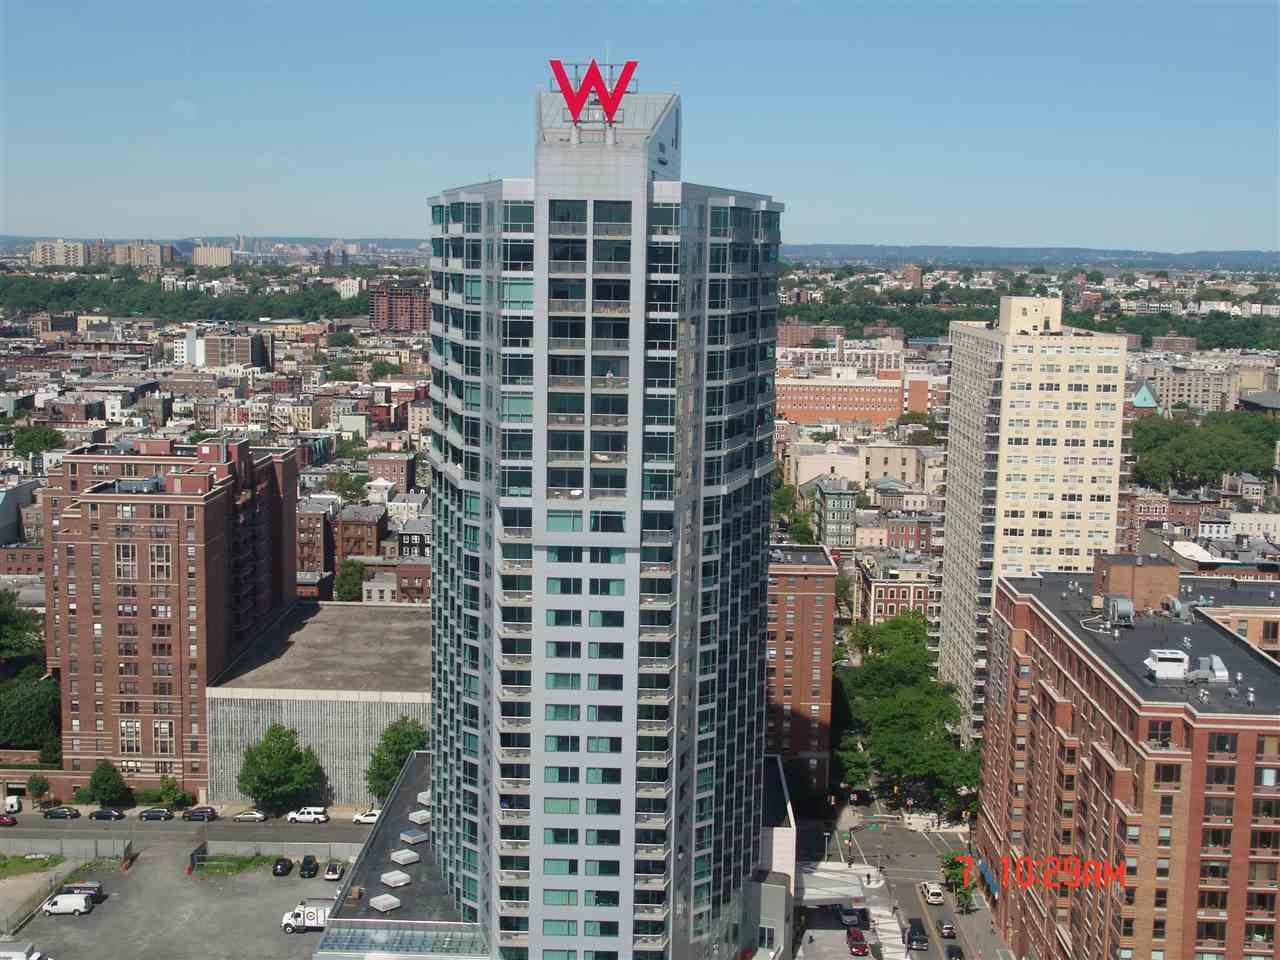 225 RIVER ST 2202, Hoboken, NJ 07030